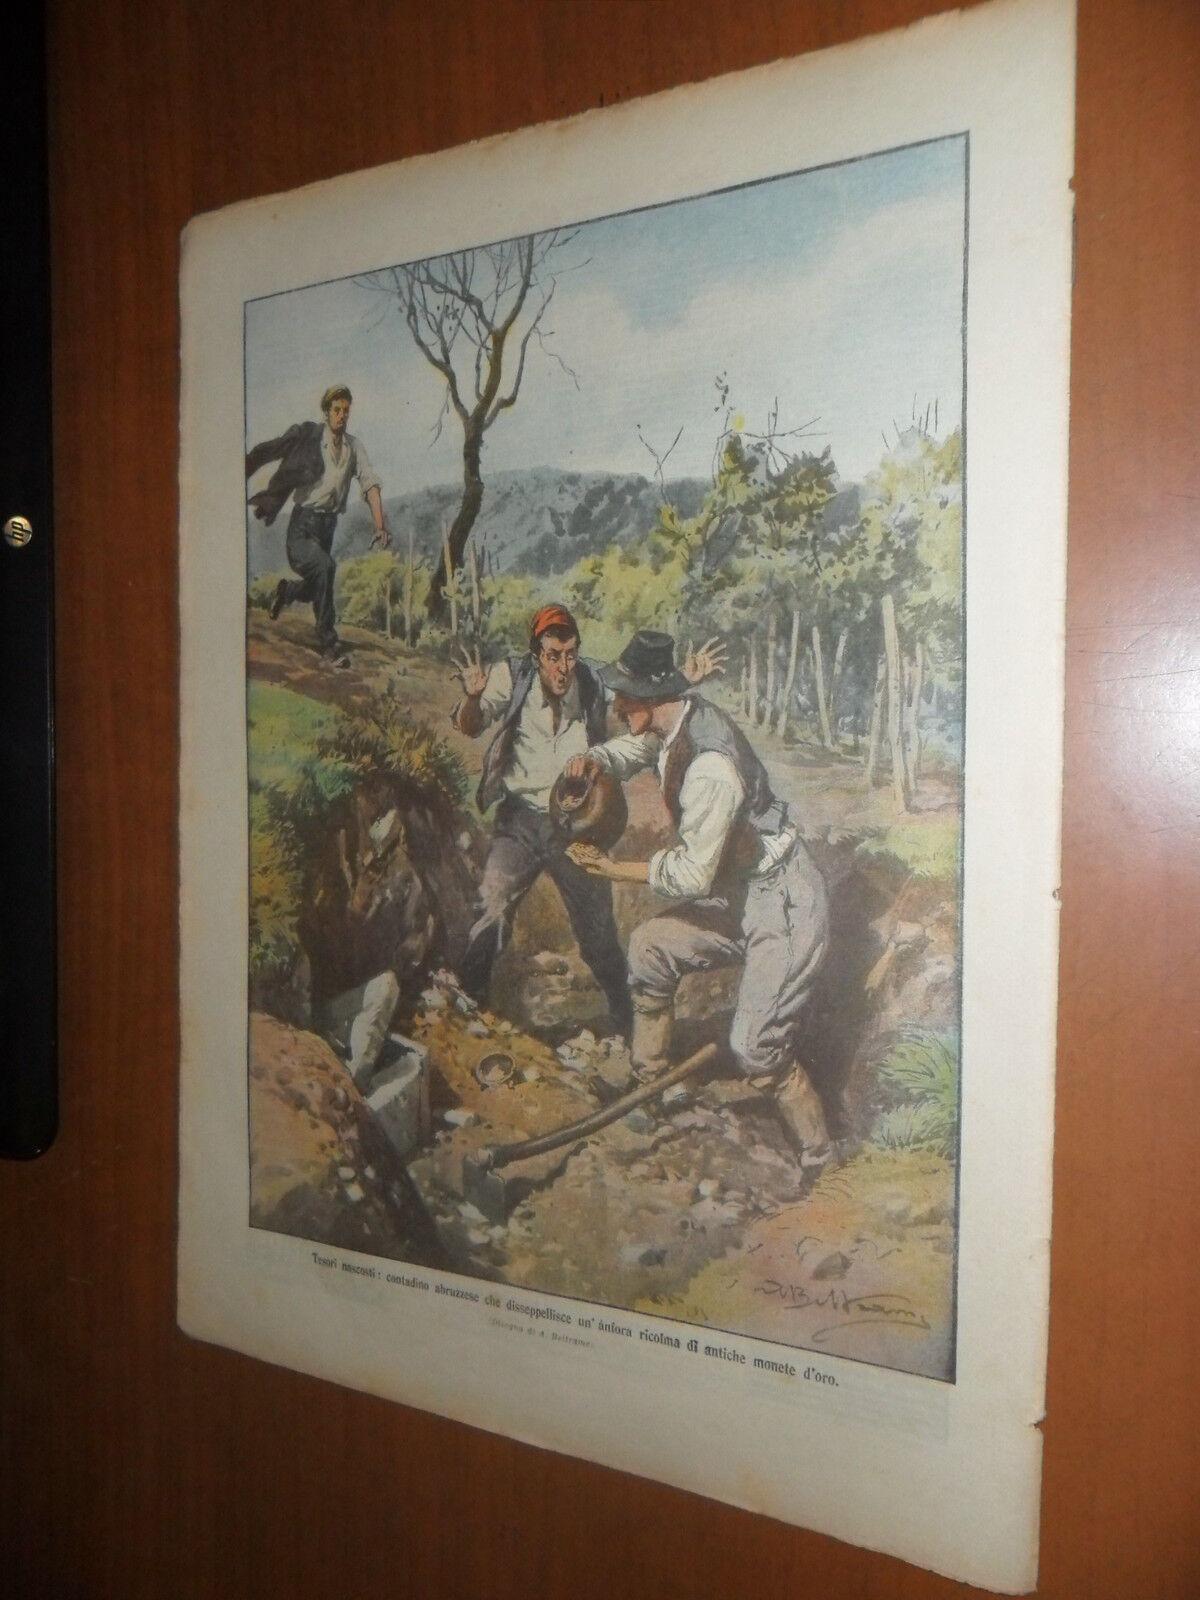 CONTADINO DISSEPPELLISCE UN'ANTICA ANFORA PIENA DI MONETE D'ORO ABRUZZO 1911